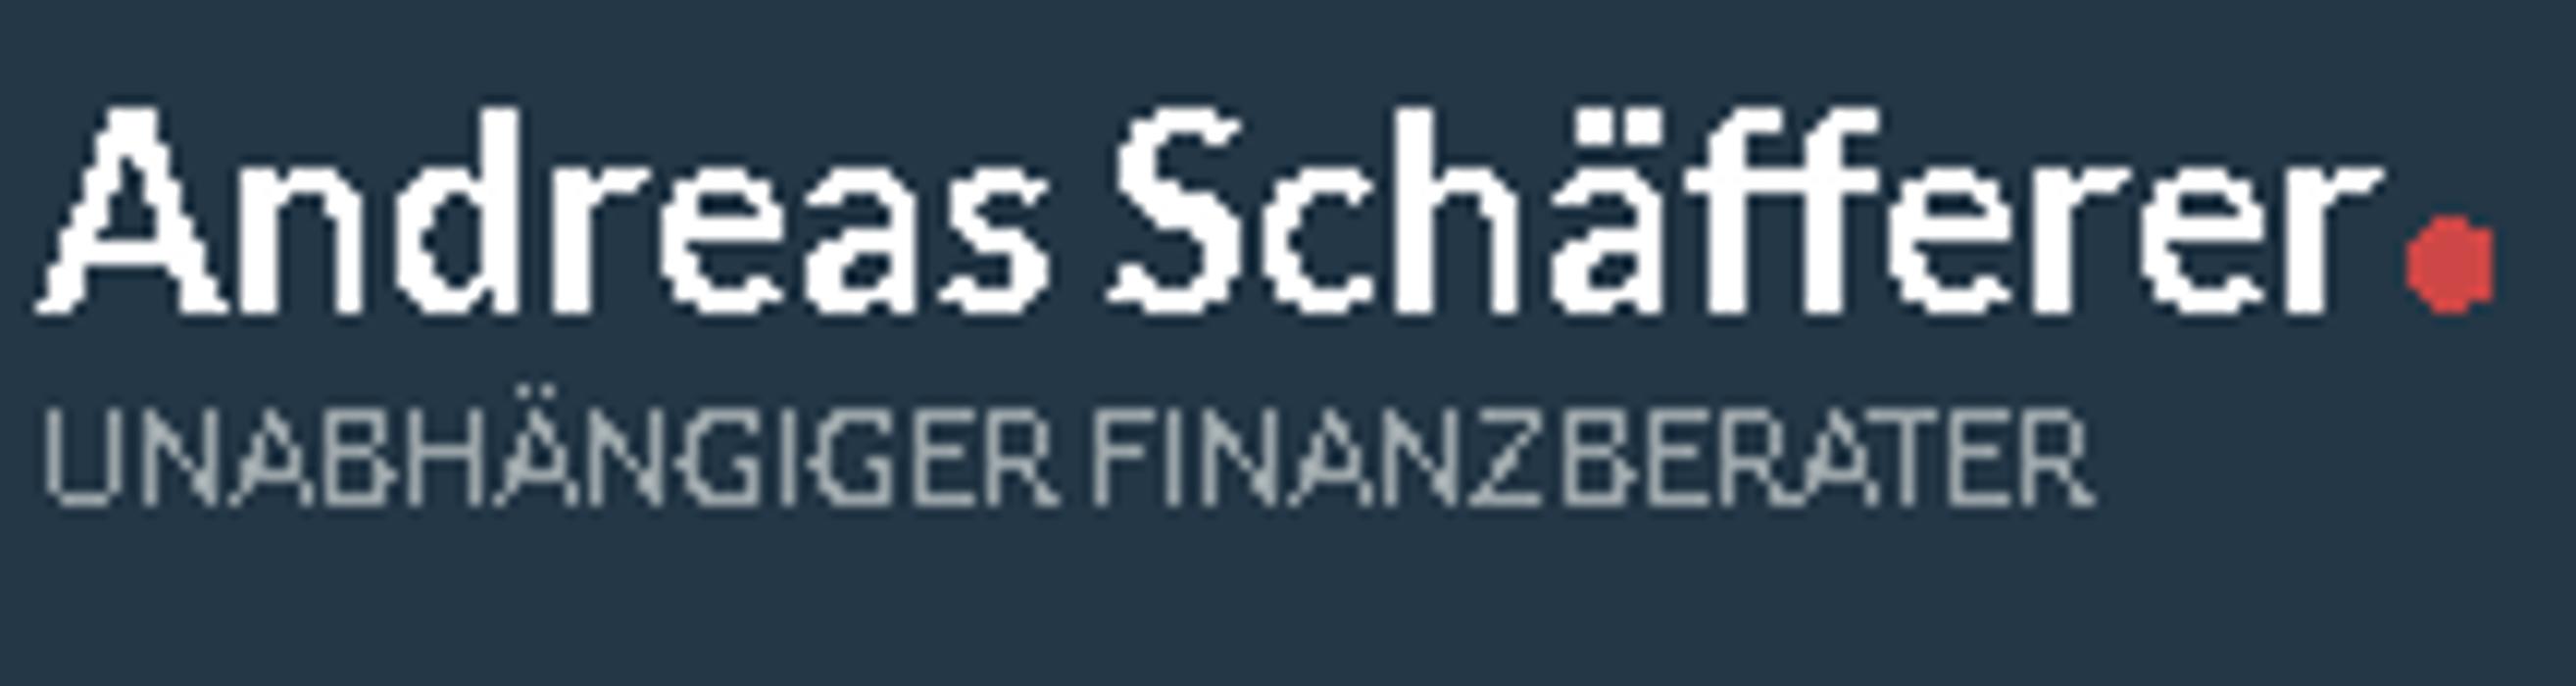 Bild zu Schäfferer, Andreas FVB Versicherungsfachmann in Ergolding